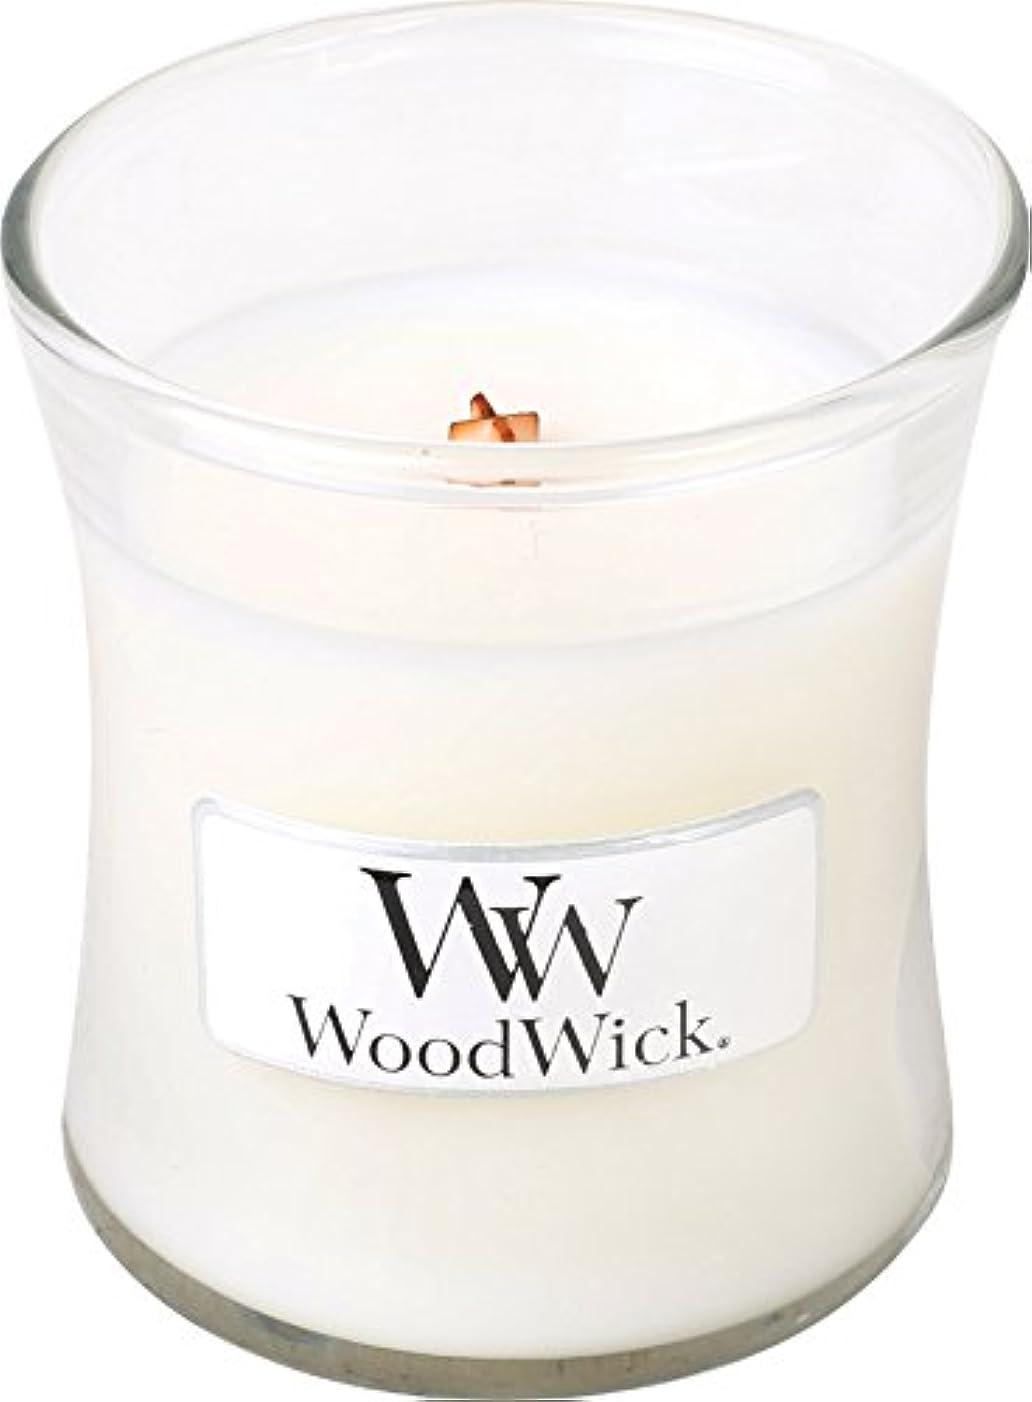 誰の兵器庫セラーWood Wick ウッドウィック ジャーキャンドルSサイズ ホワイトティージャスミン